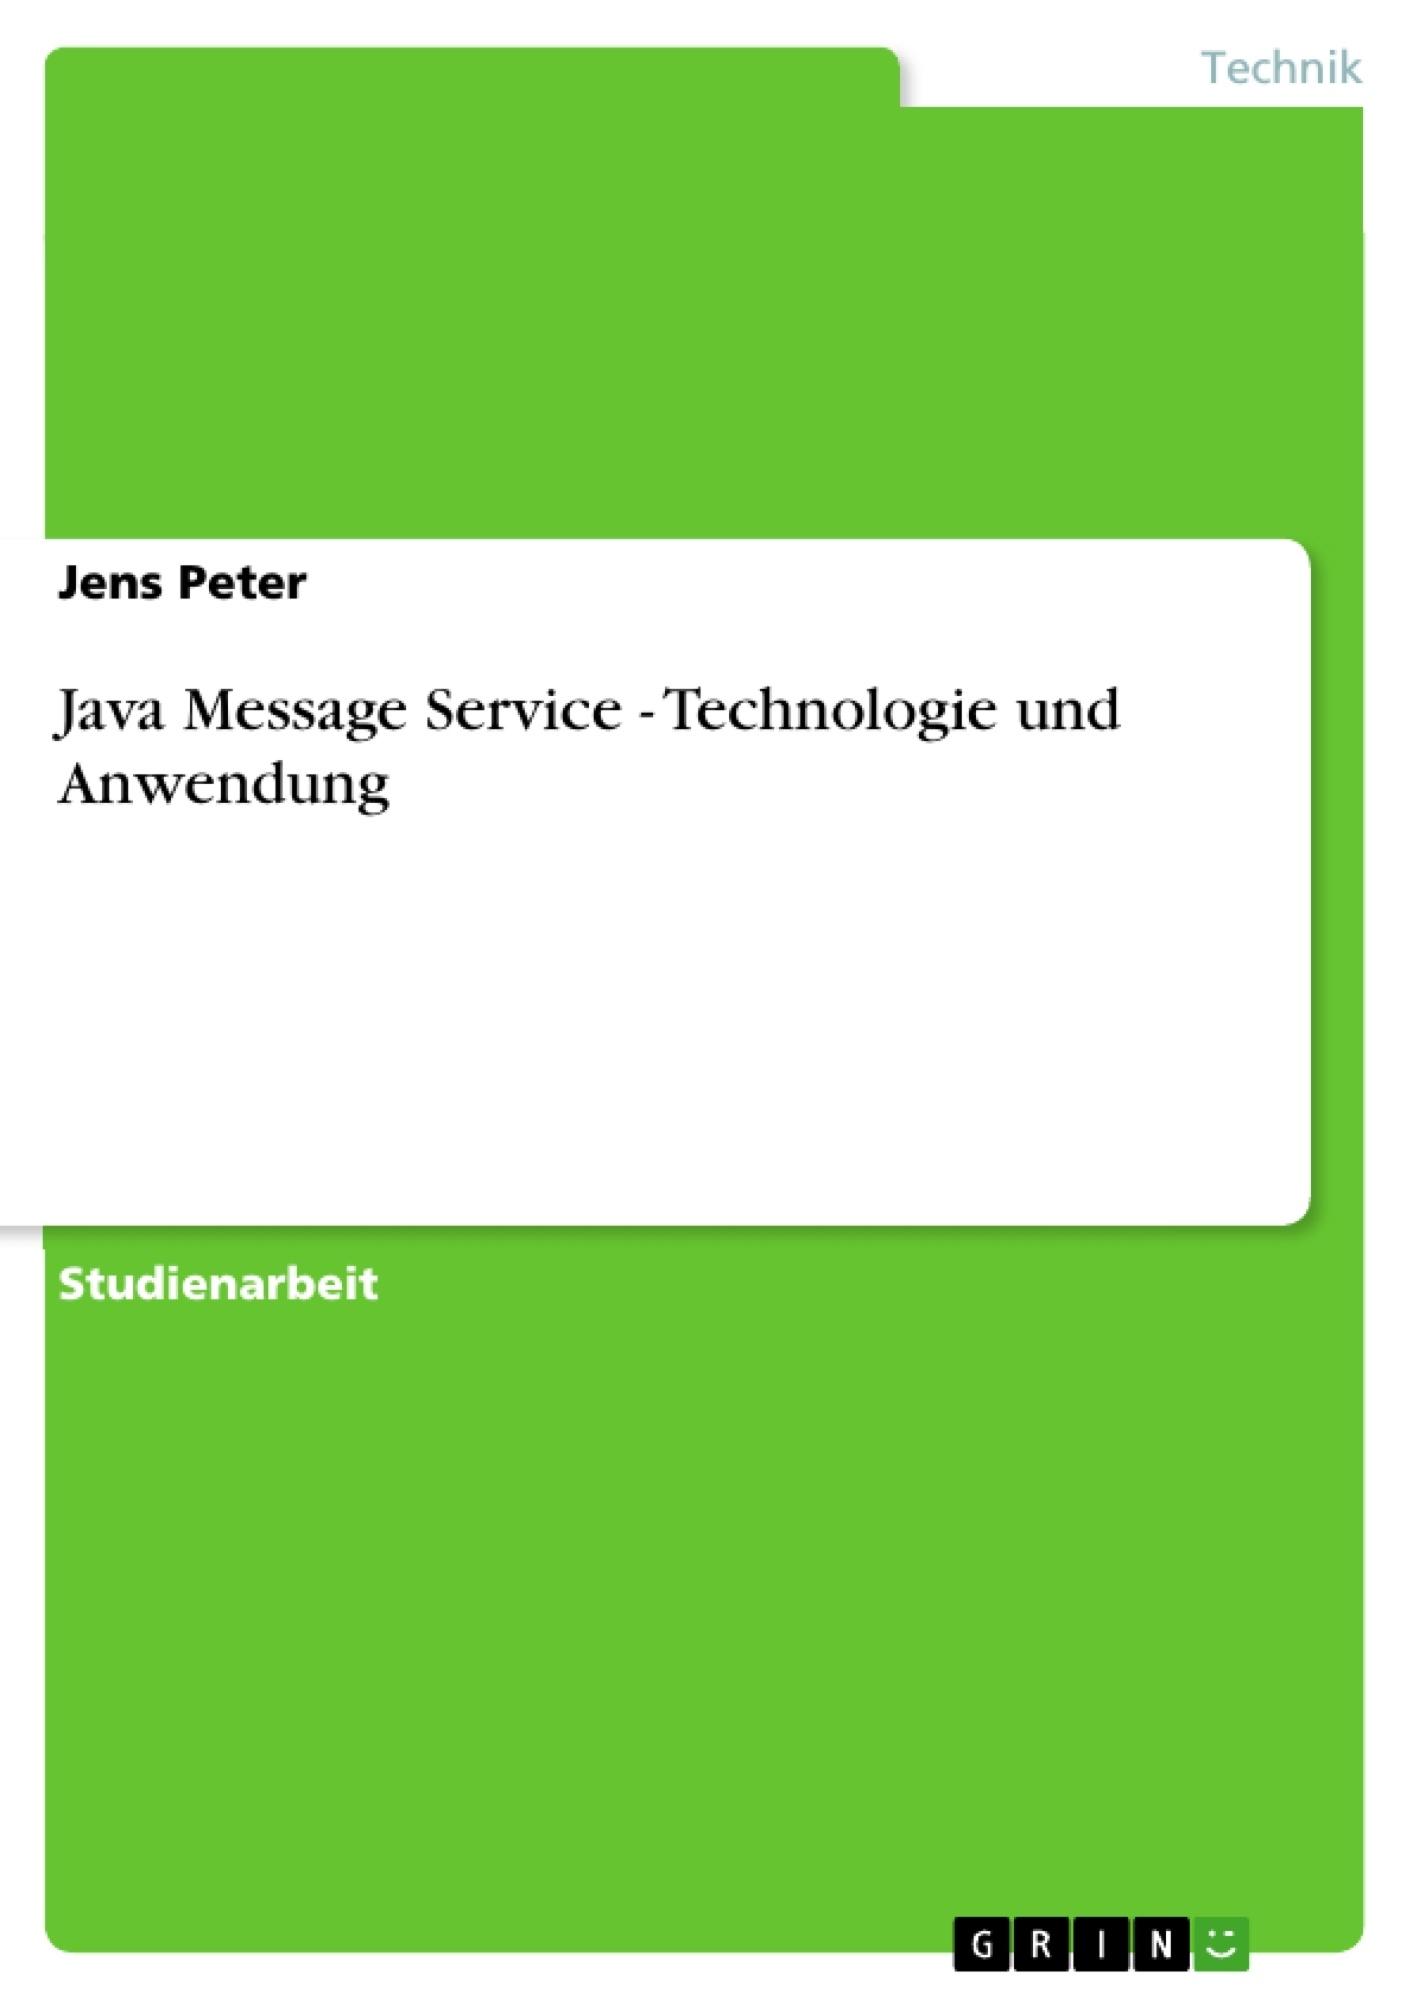 Titel: Java Message Service - Technologie und Anwendung